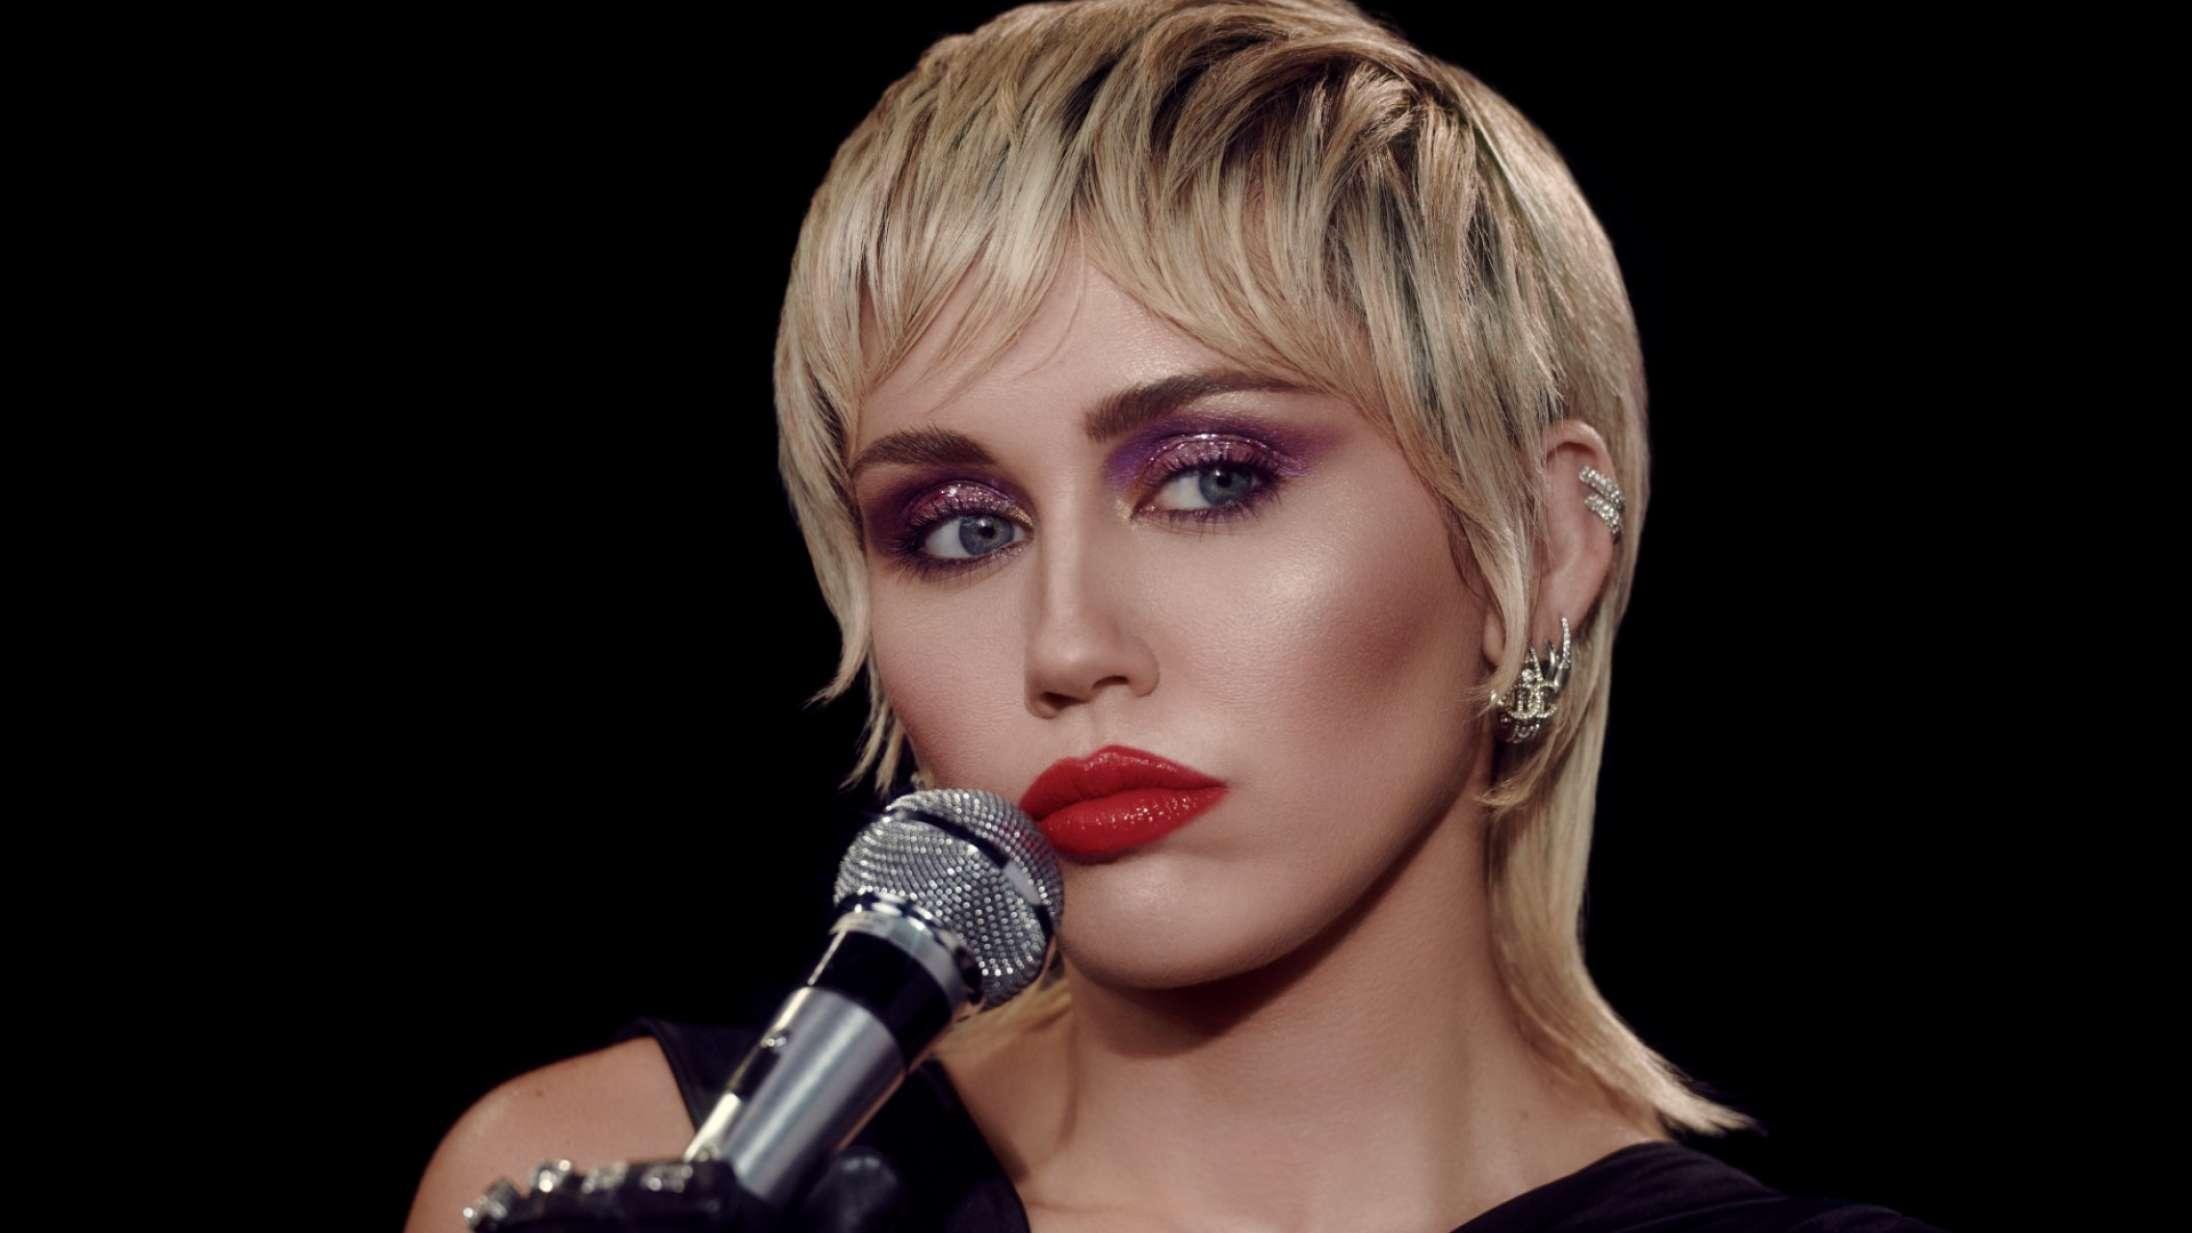 Miley Cyrus annoncerer MTV Unplugged-koncert – med interessante covernumre